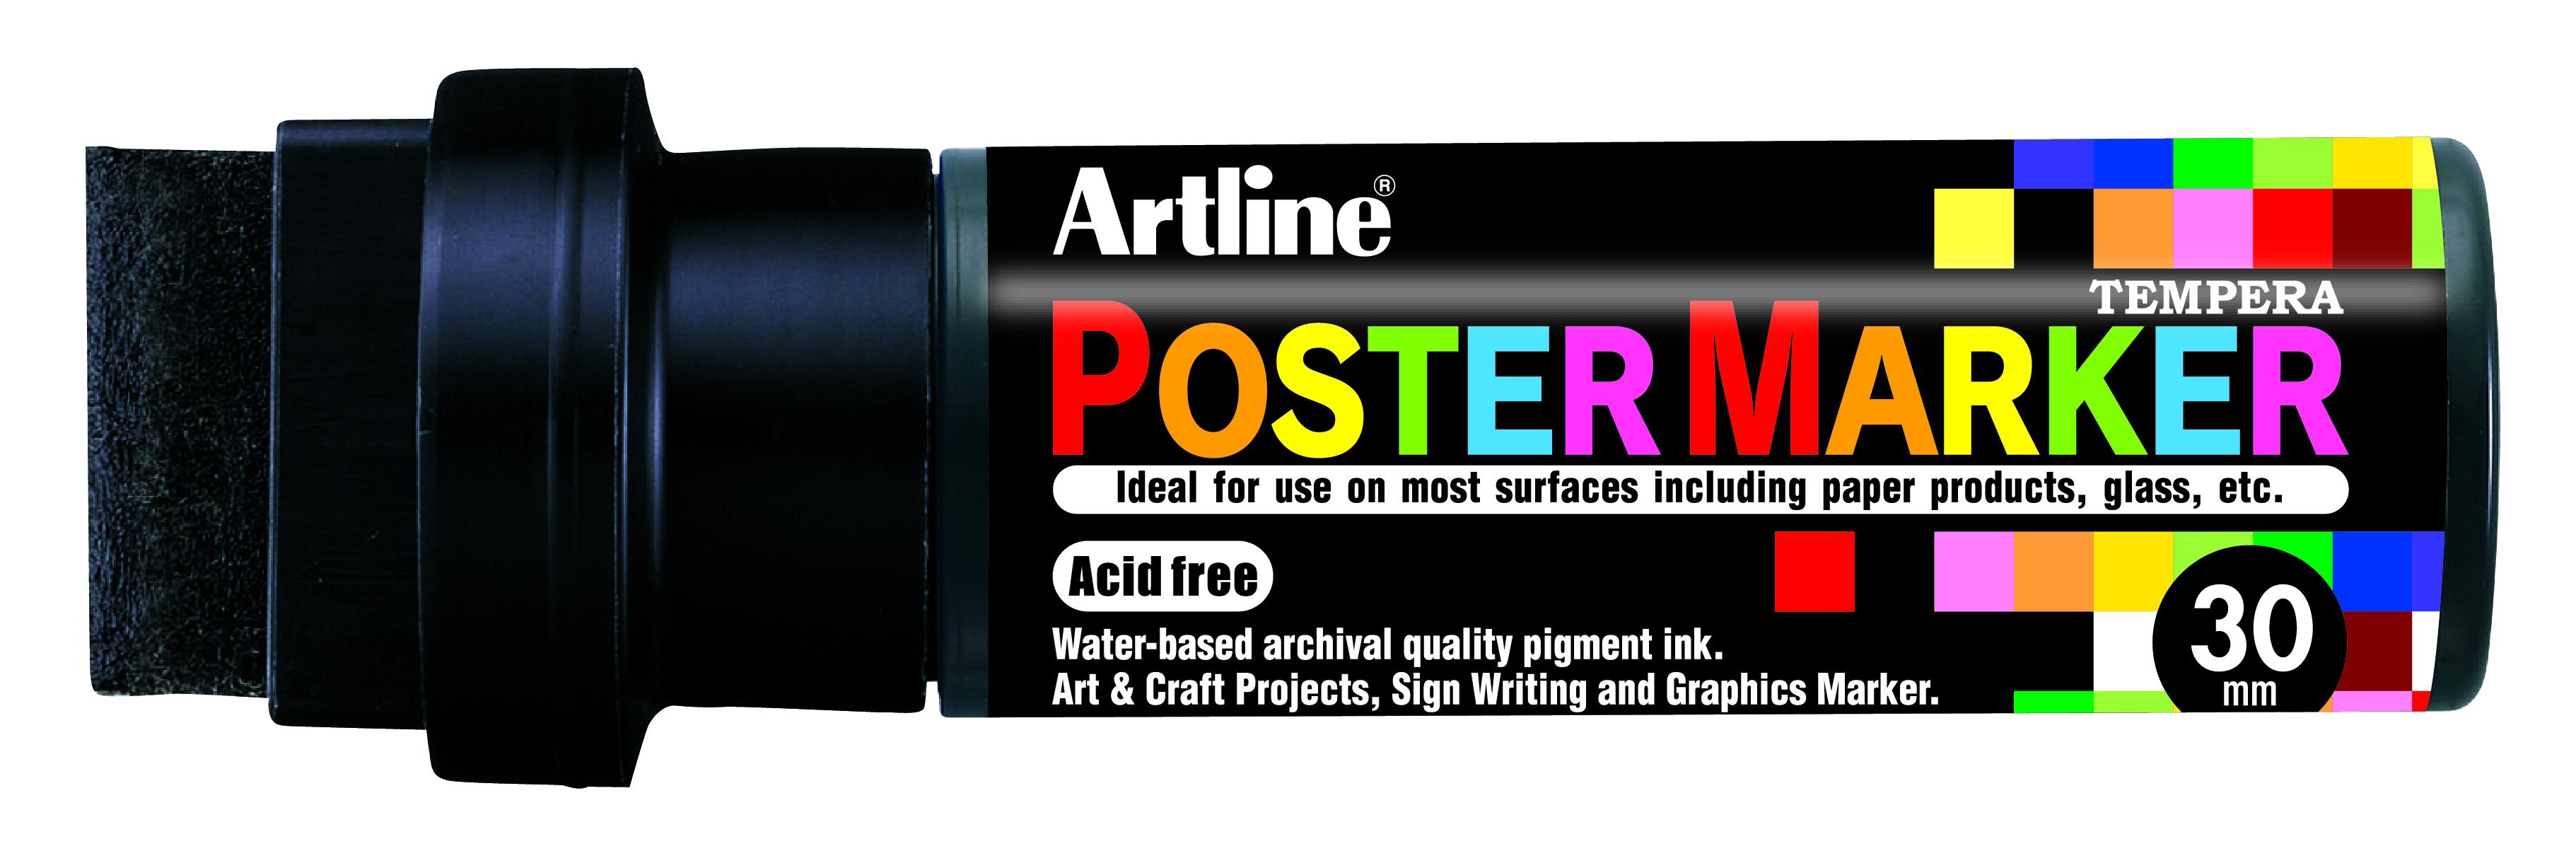 Artline EPP-30 PosterMarker 30mm merkepenn Sort